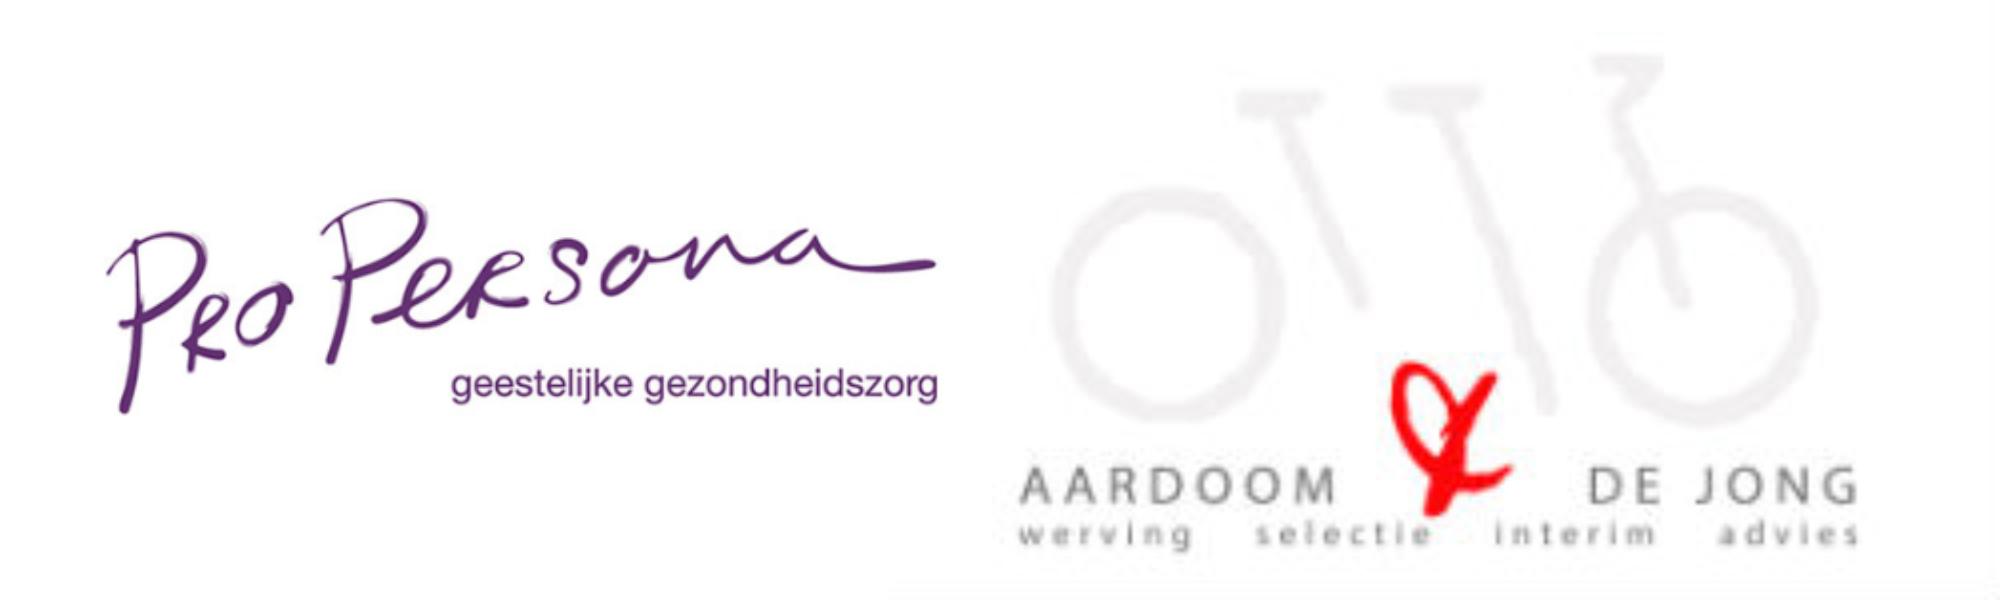 Pro Persona via Aardoom & de Jong